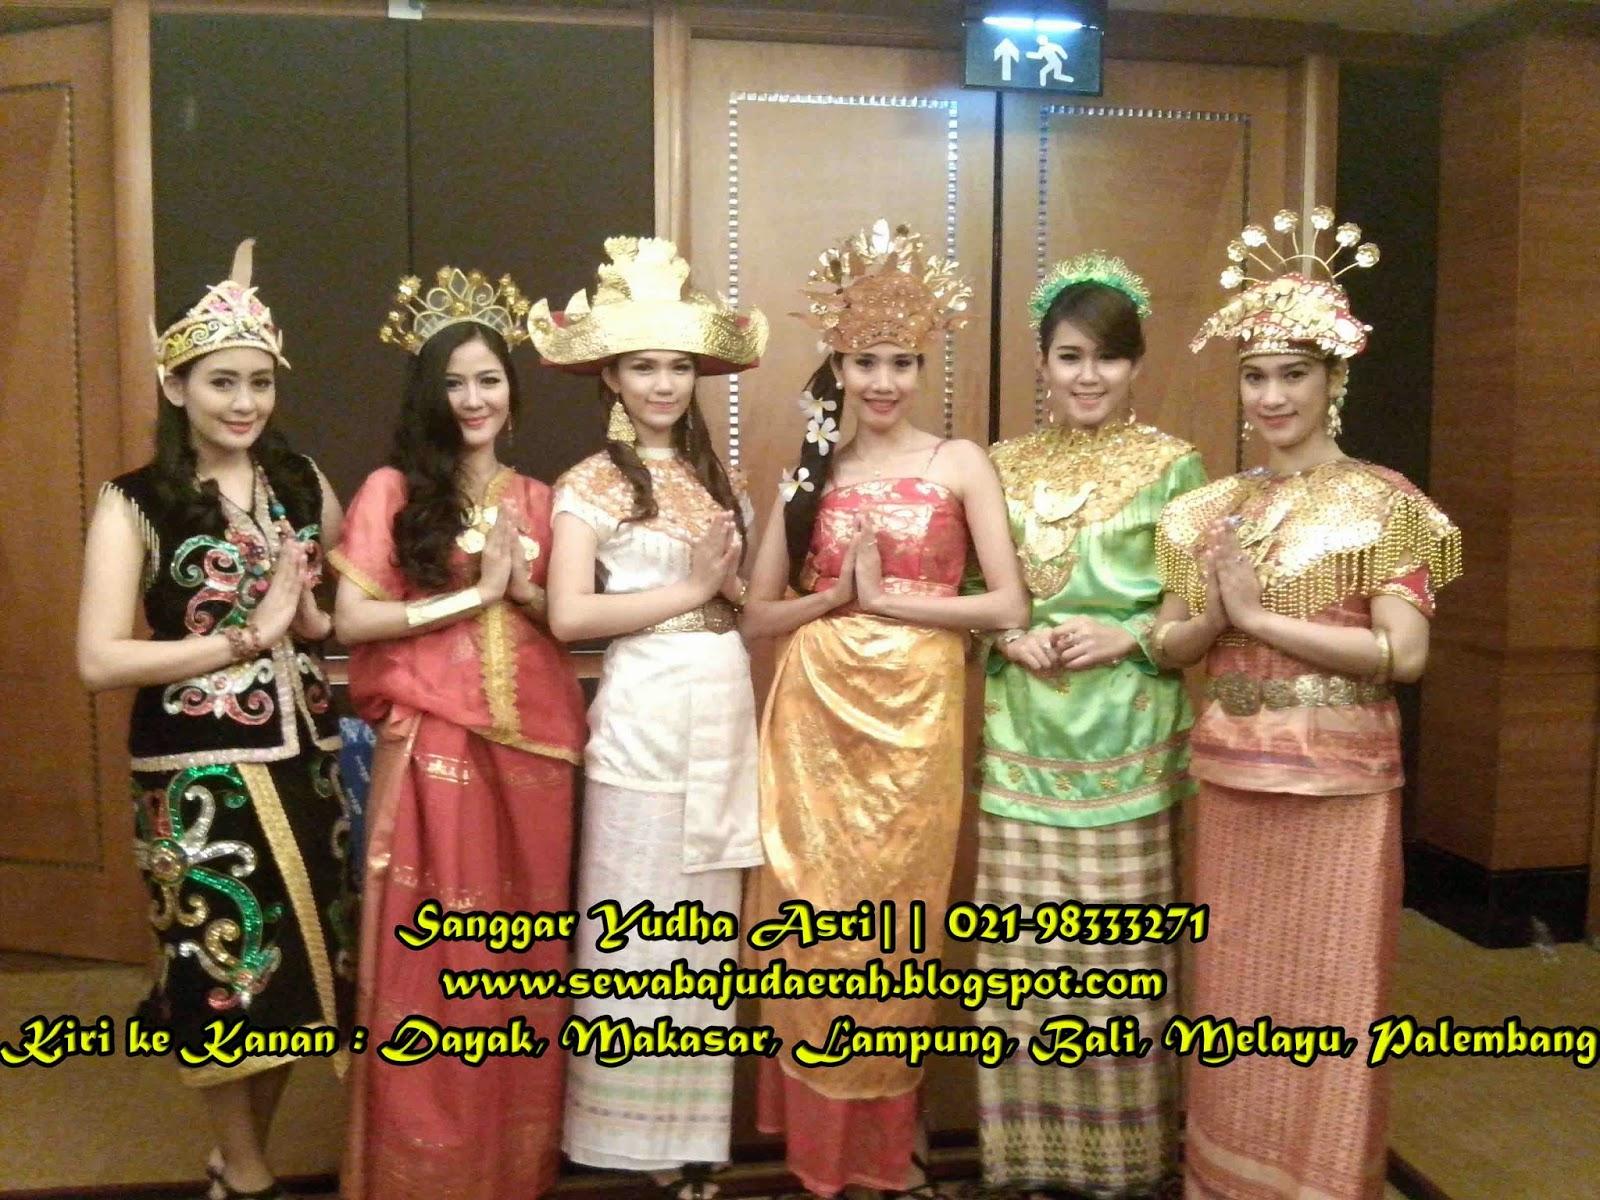 Sewa Kostum Daerah, Sewa Baju Daerah Telp. 021-51174860 / 087871527369 ...